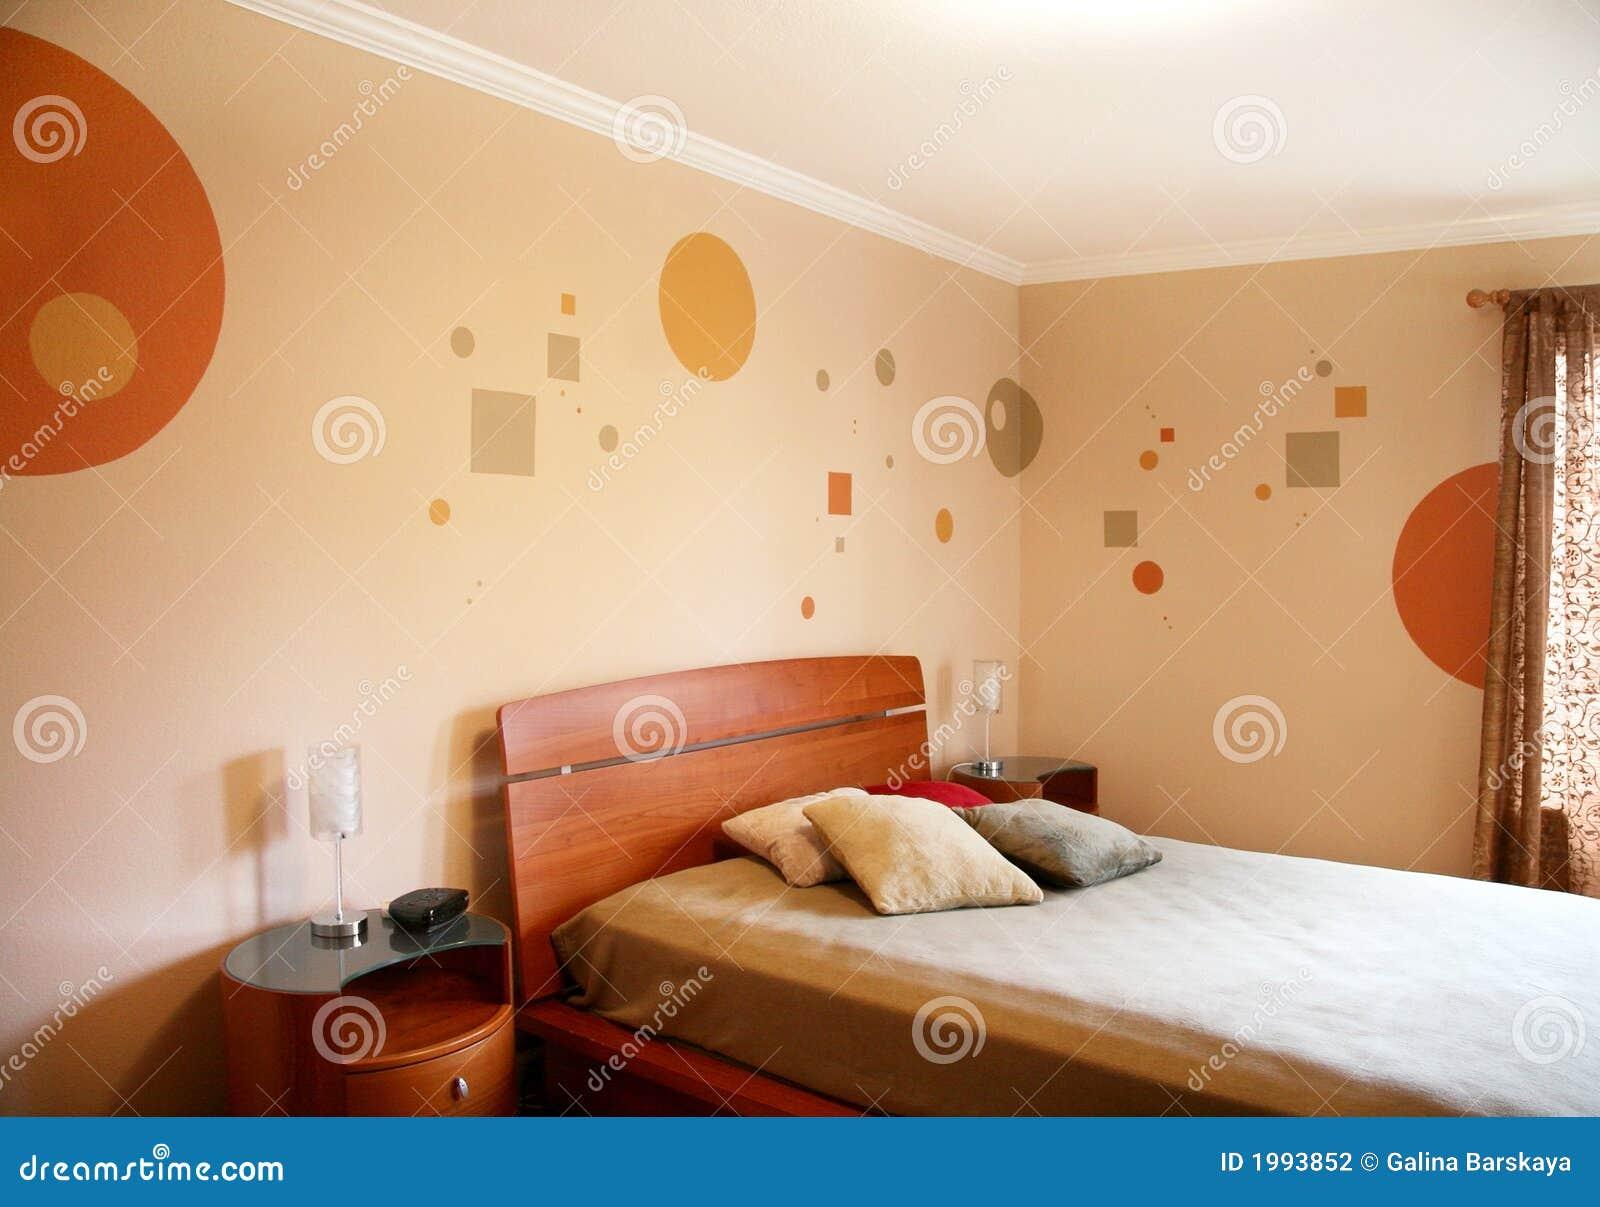 Conception dans la chambre coucher moderne photographie for Photos de chambres